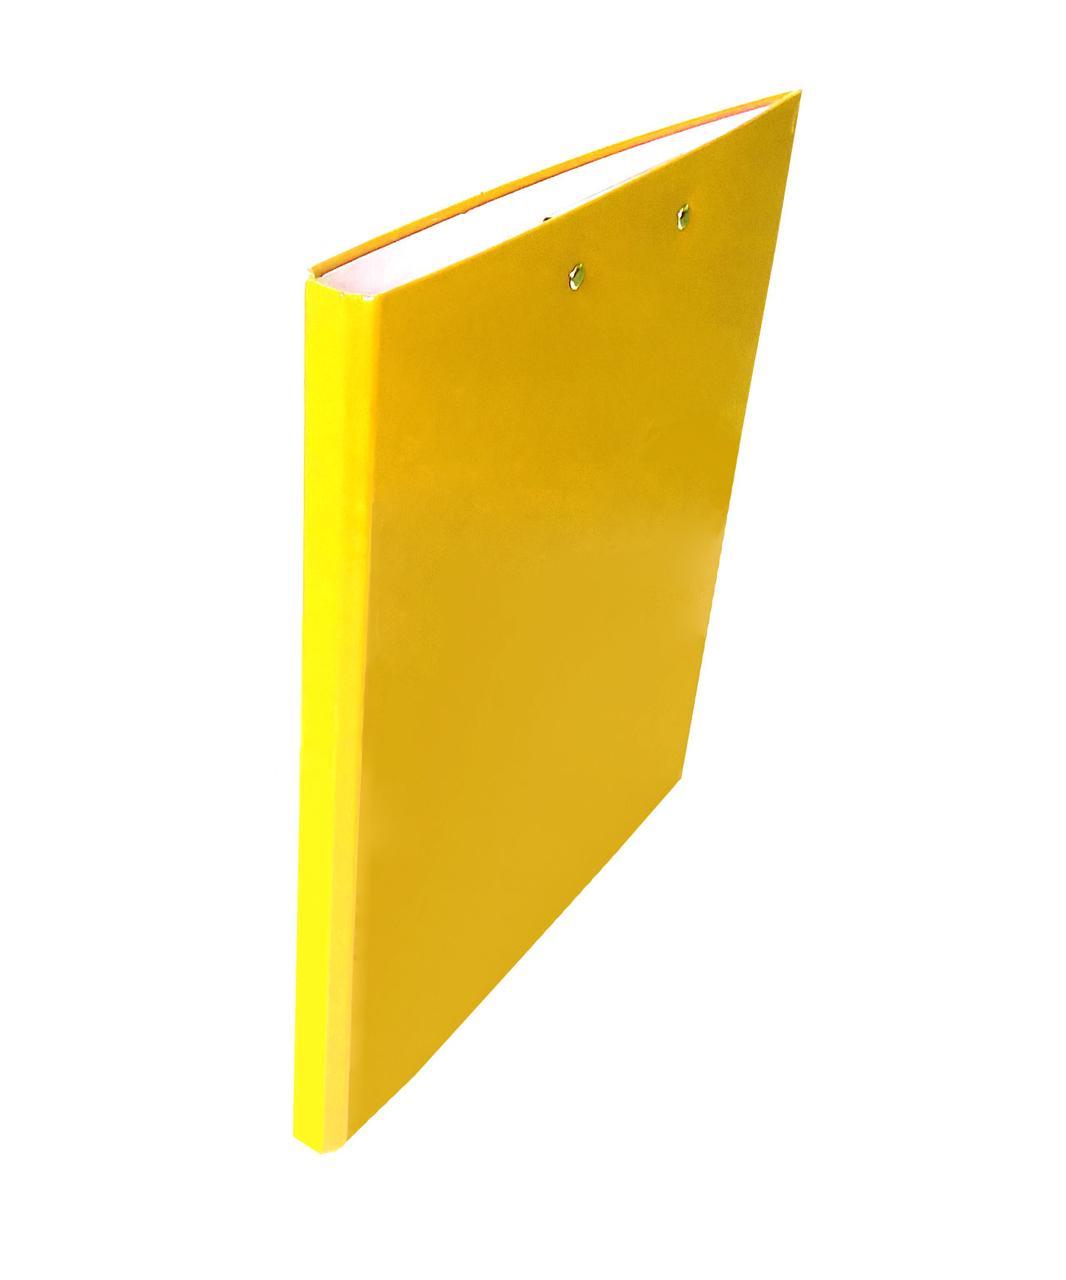 Папка с зажимом Clipboard и прижимом Miniclip, А4, 25 мм, PP-покрытие